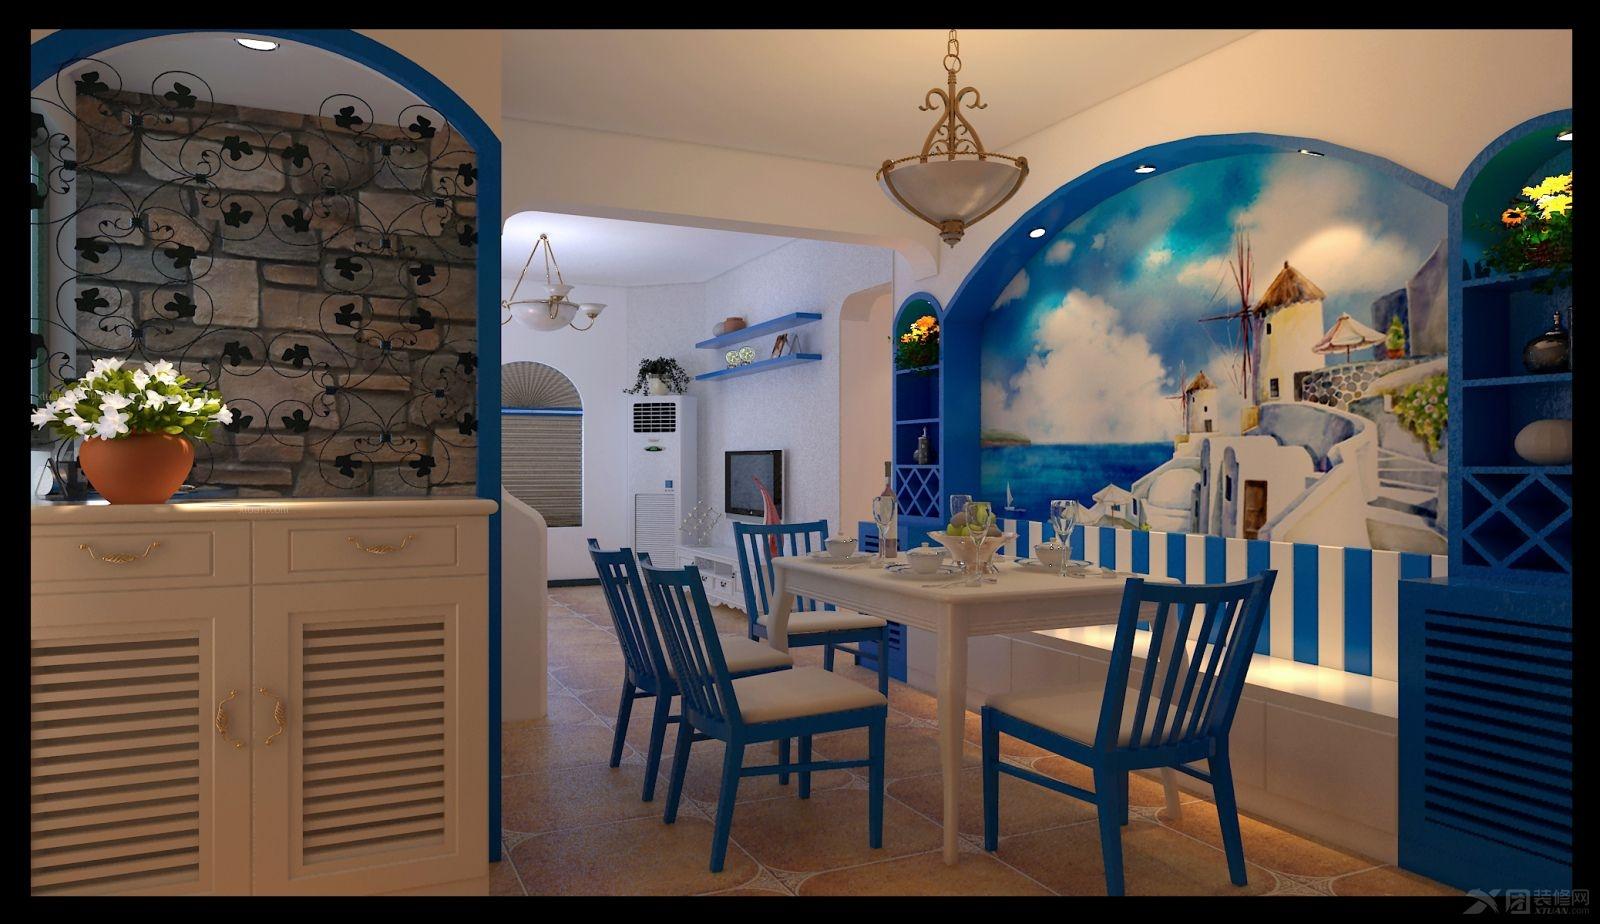 【宝蓝空间设计】卡梅尔小镇地中海装修风格享受